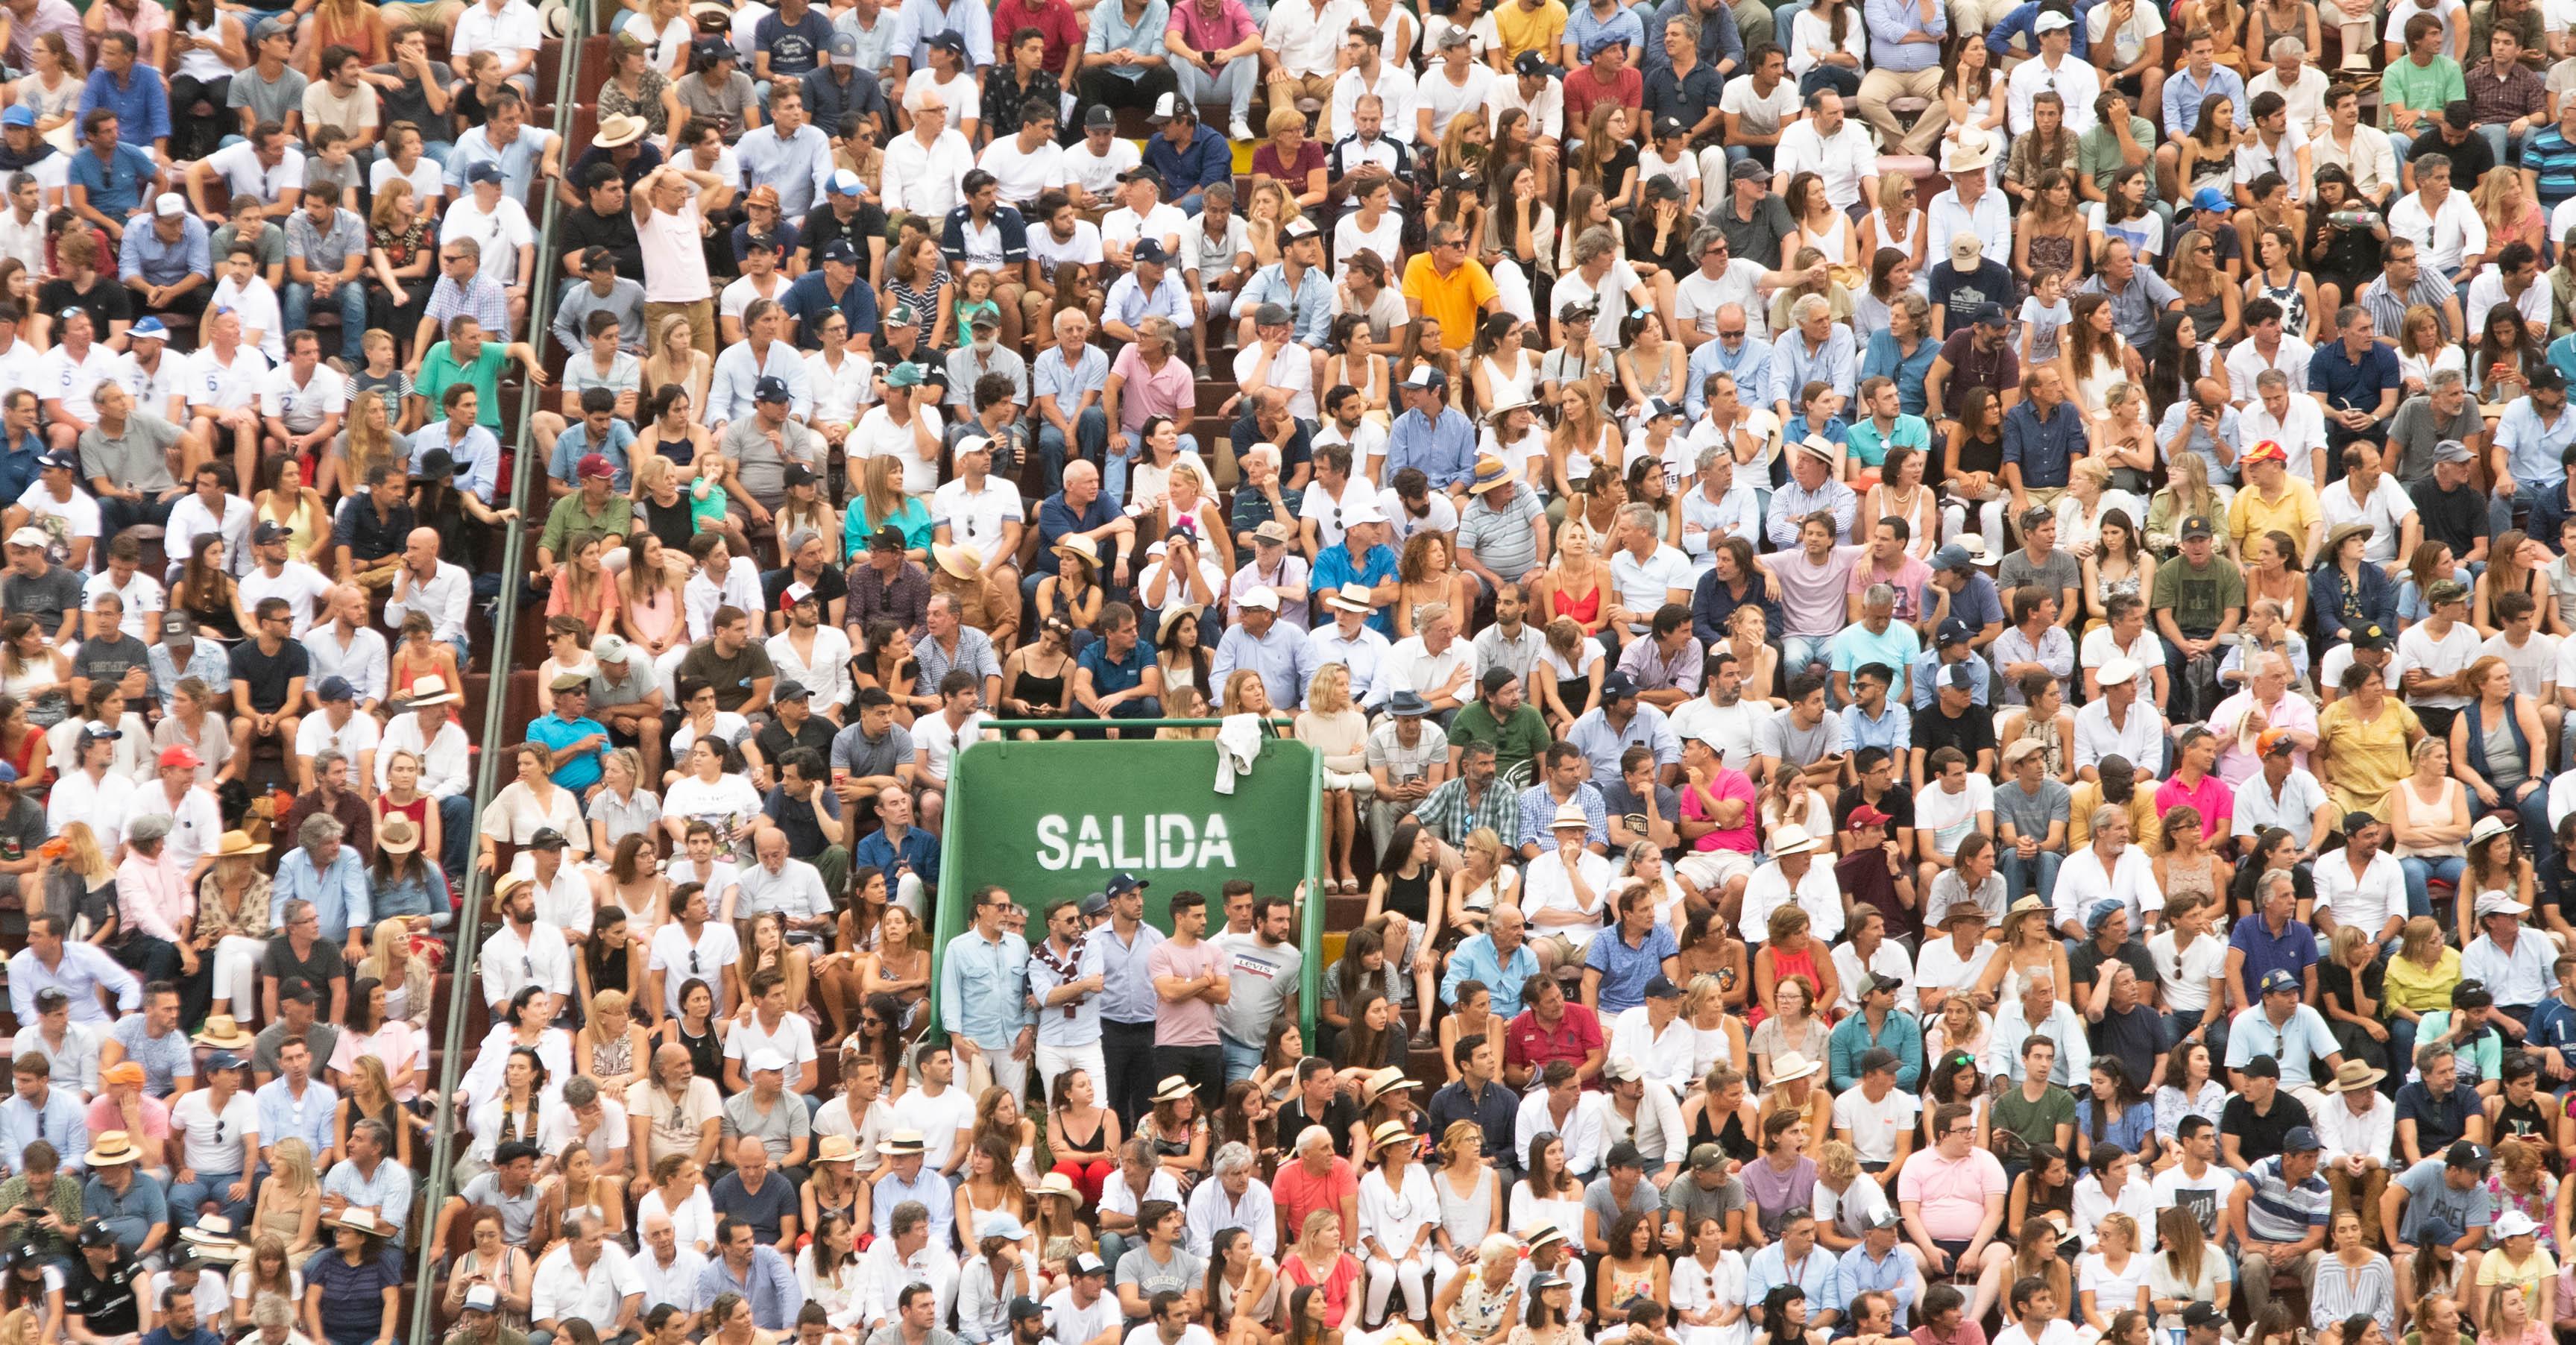 La final entre La Dolfina y Ellerstina se disputó ante una cancha colmada de asistentes, que alentaron a sus equipos de polo favoritos